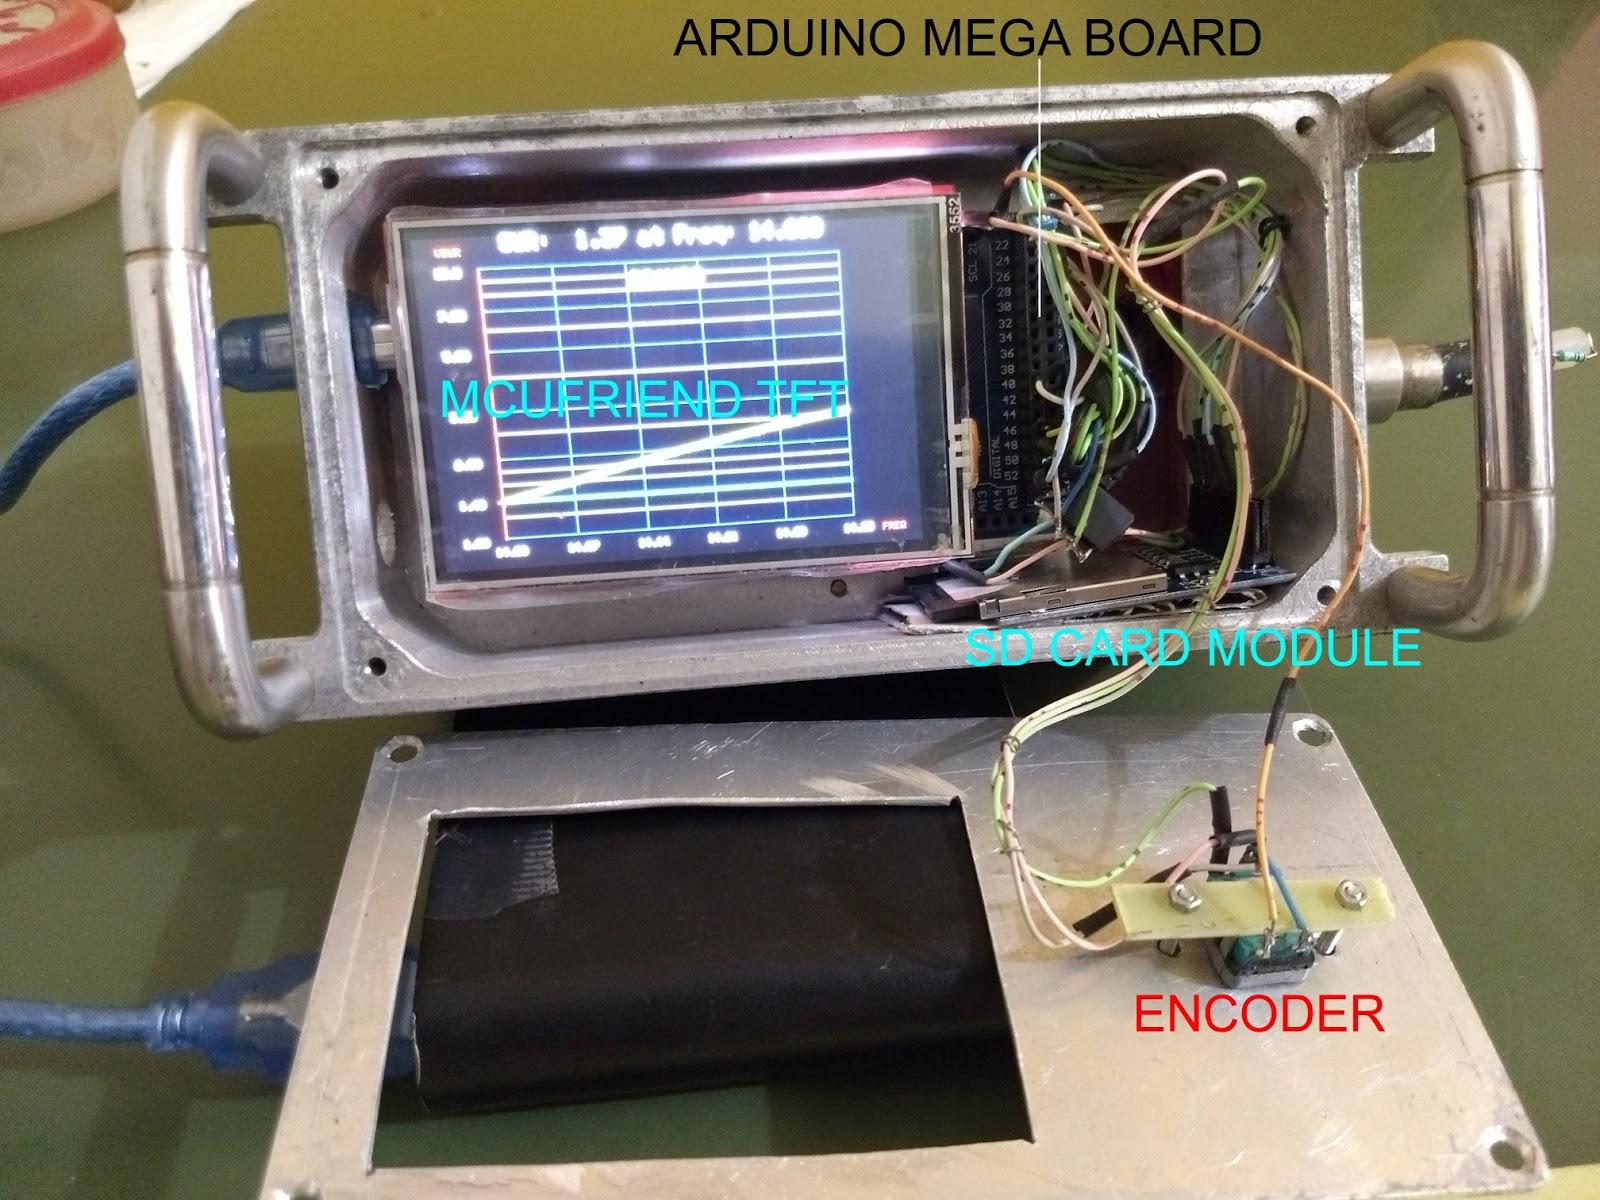 Antenna Analyzer (W8TEE/K2ZIA with mods by WA2FZW/VK3PE) done